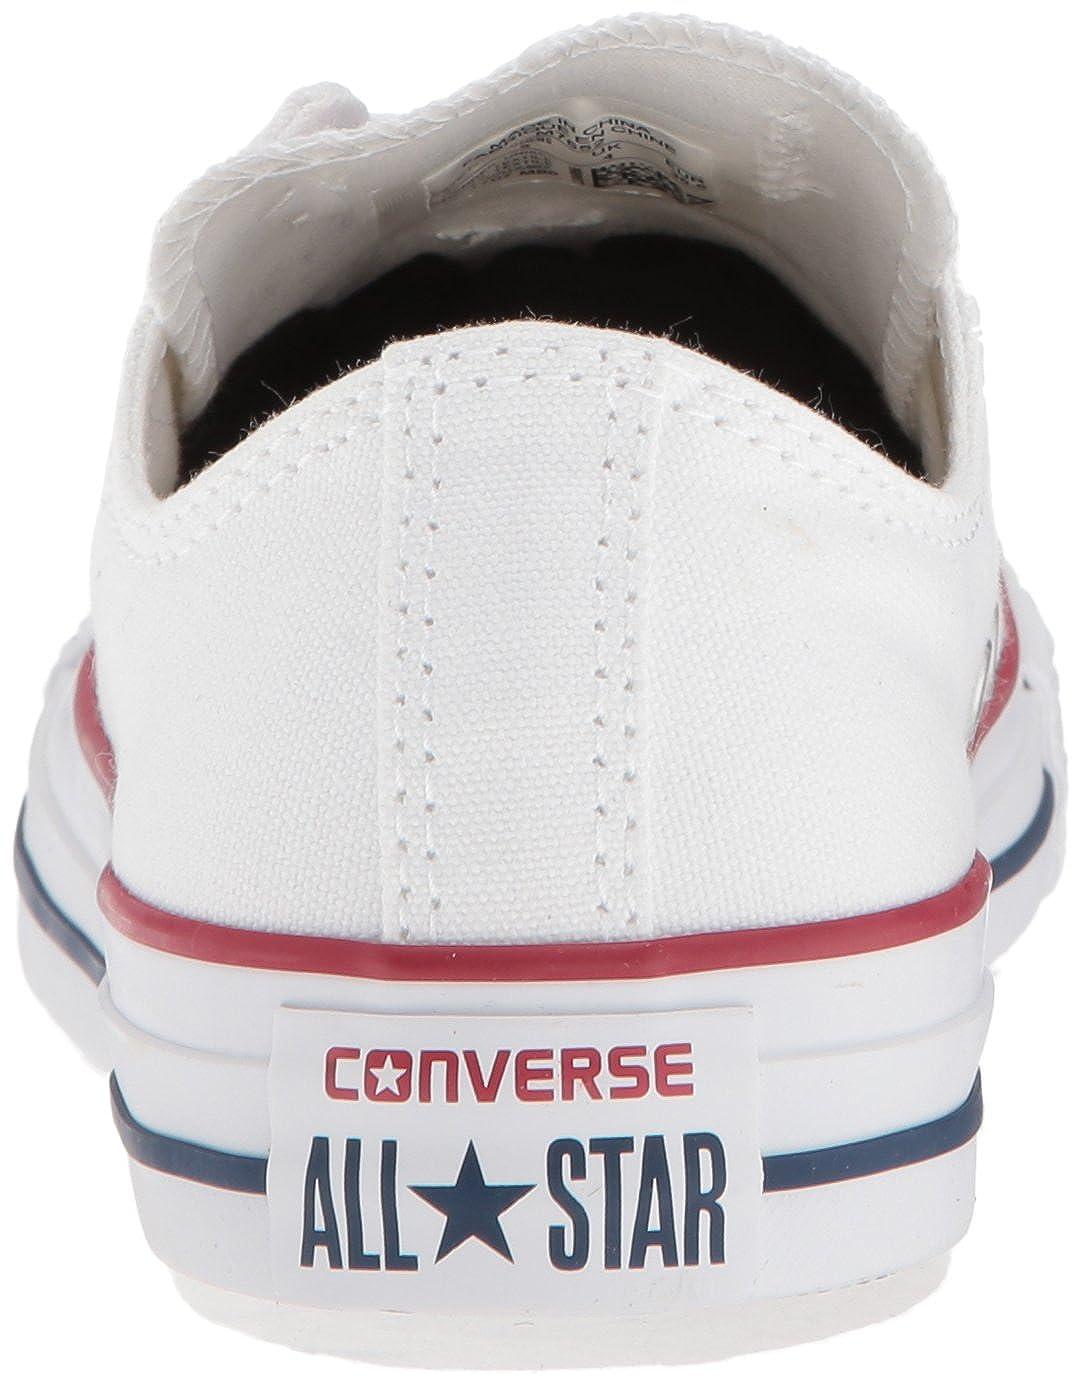 Online Sales Converse Leinen Canvas Schnür Sneaker M7652